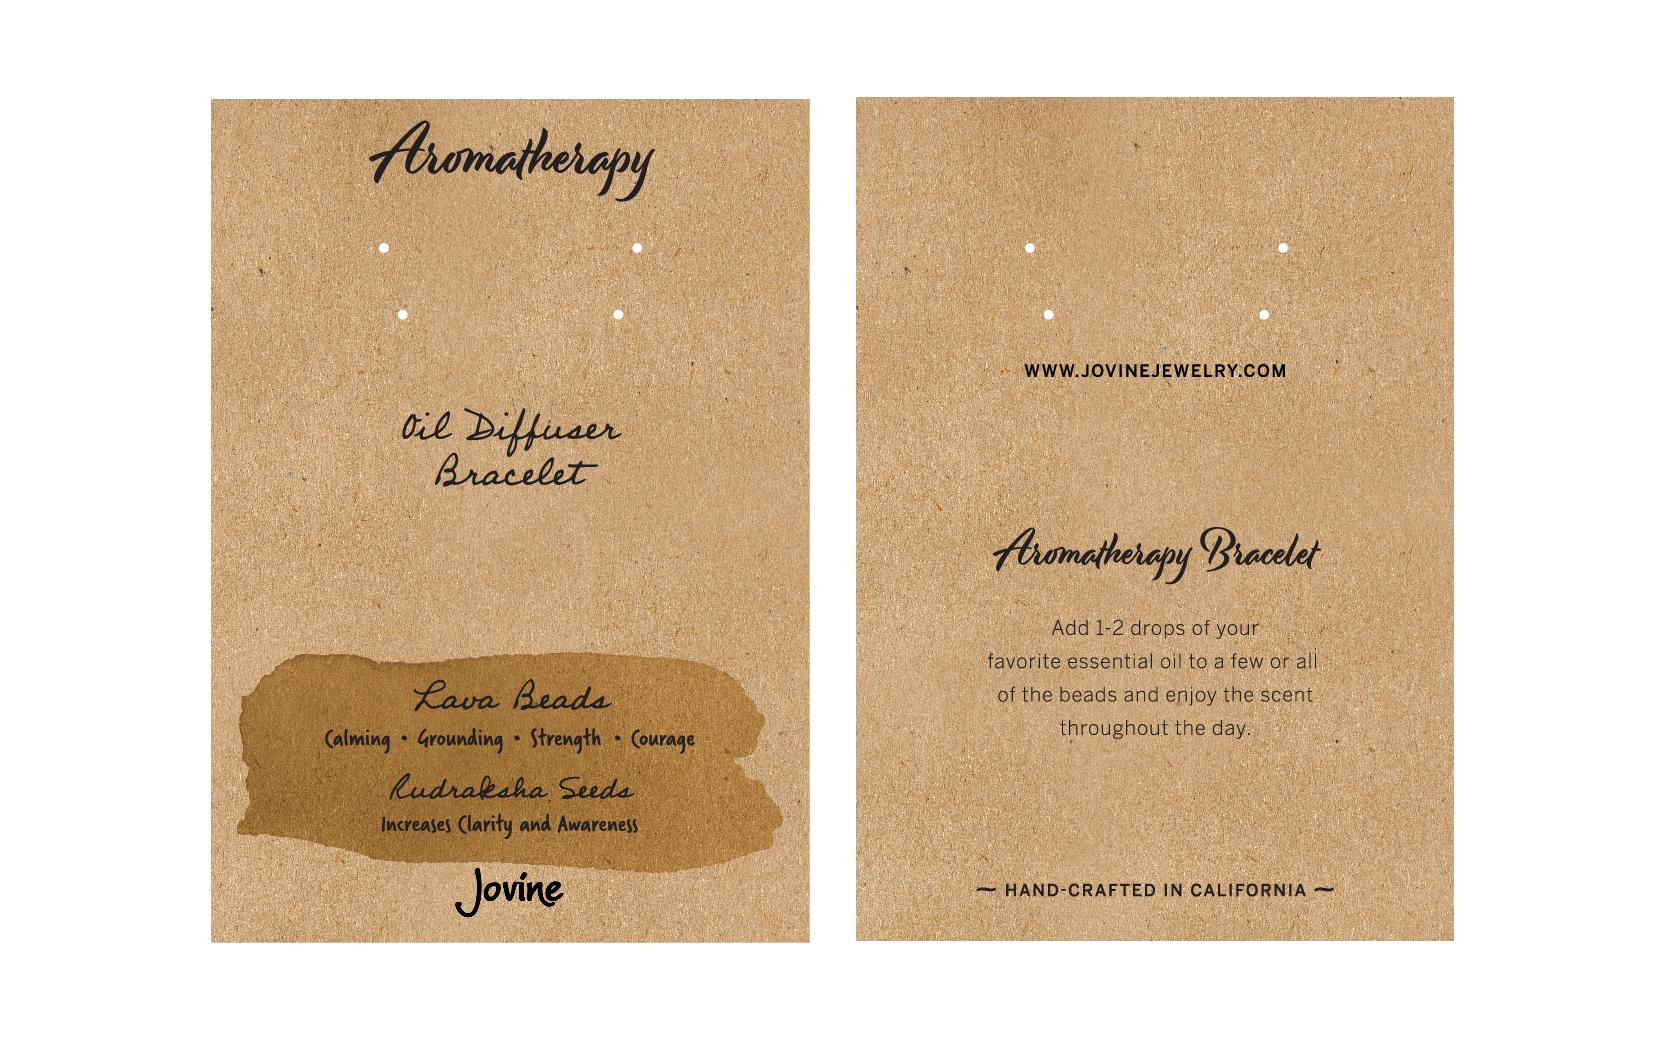 Jovine Jewelry | Packagaing